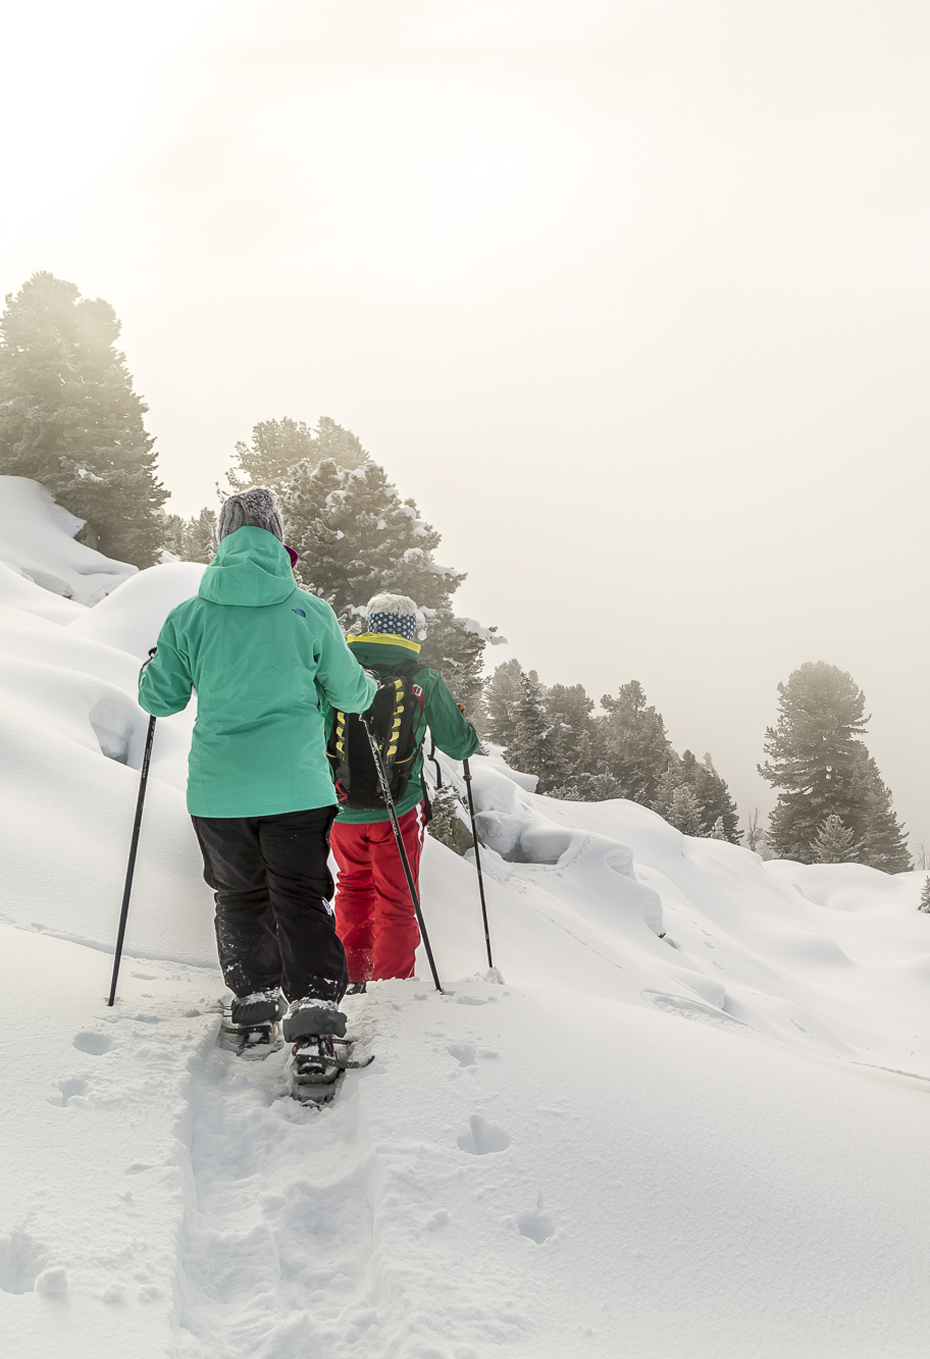 Schneeschuhtour-AletschArena